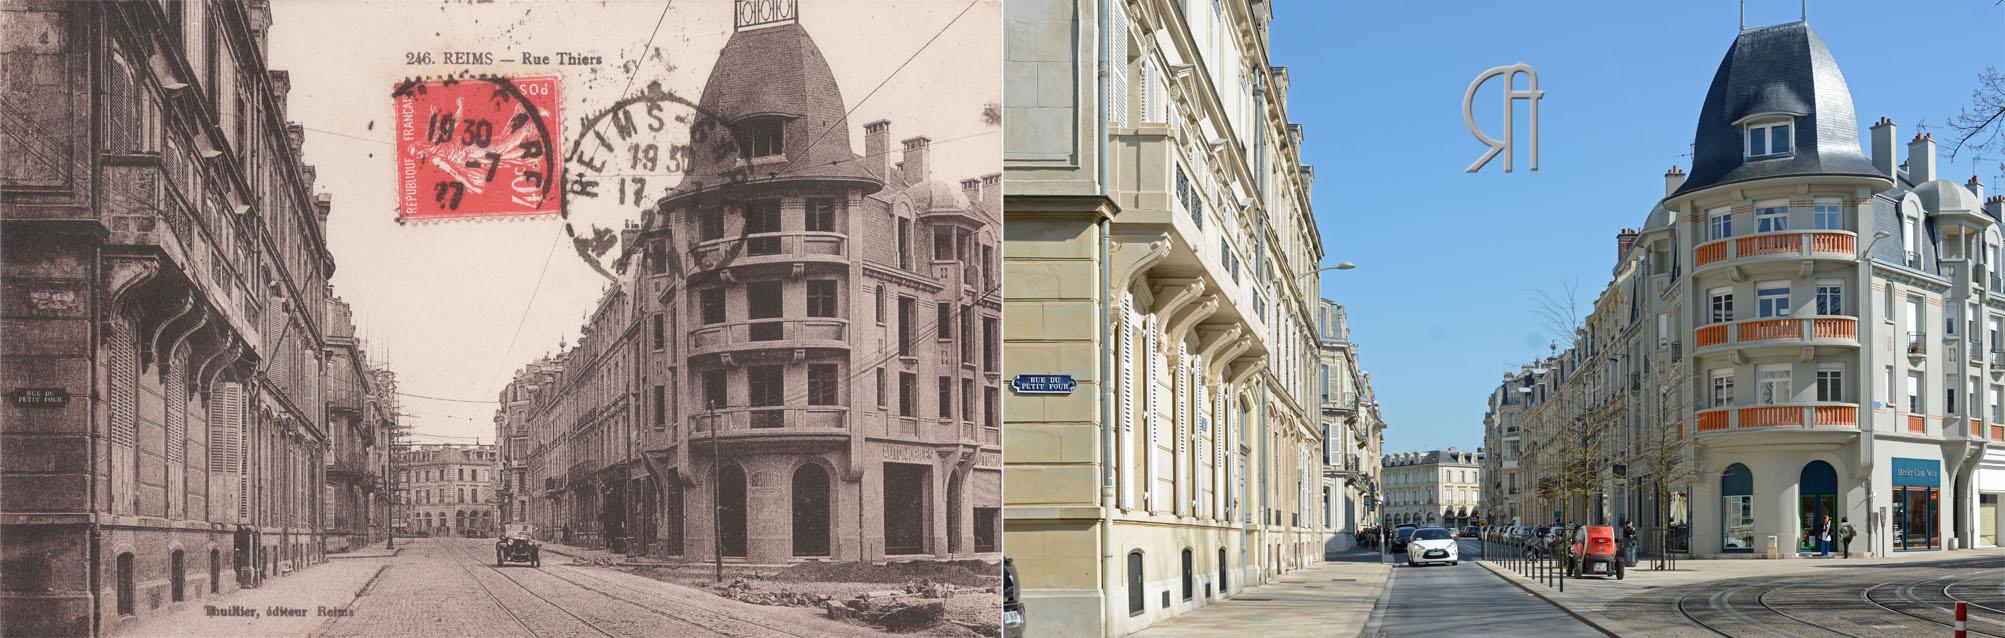 La rue Thiers pendant la Reconstruction